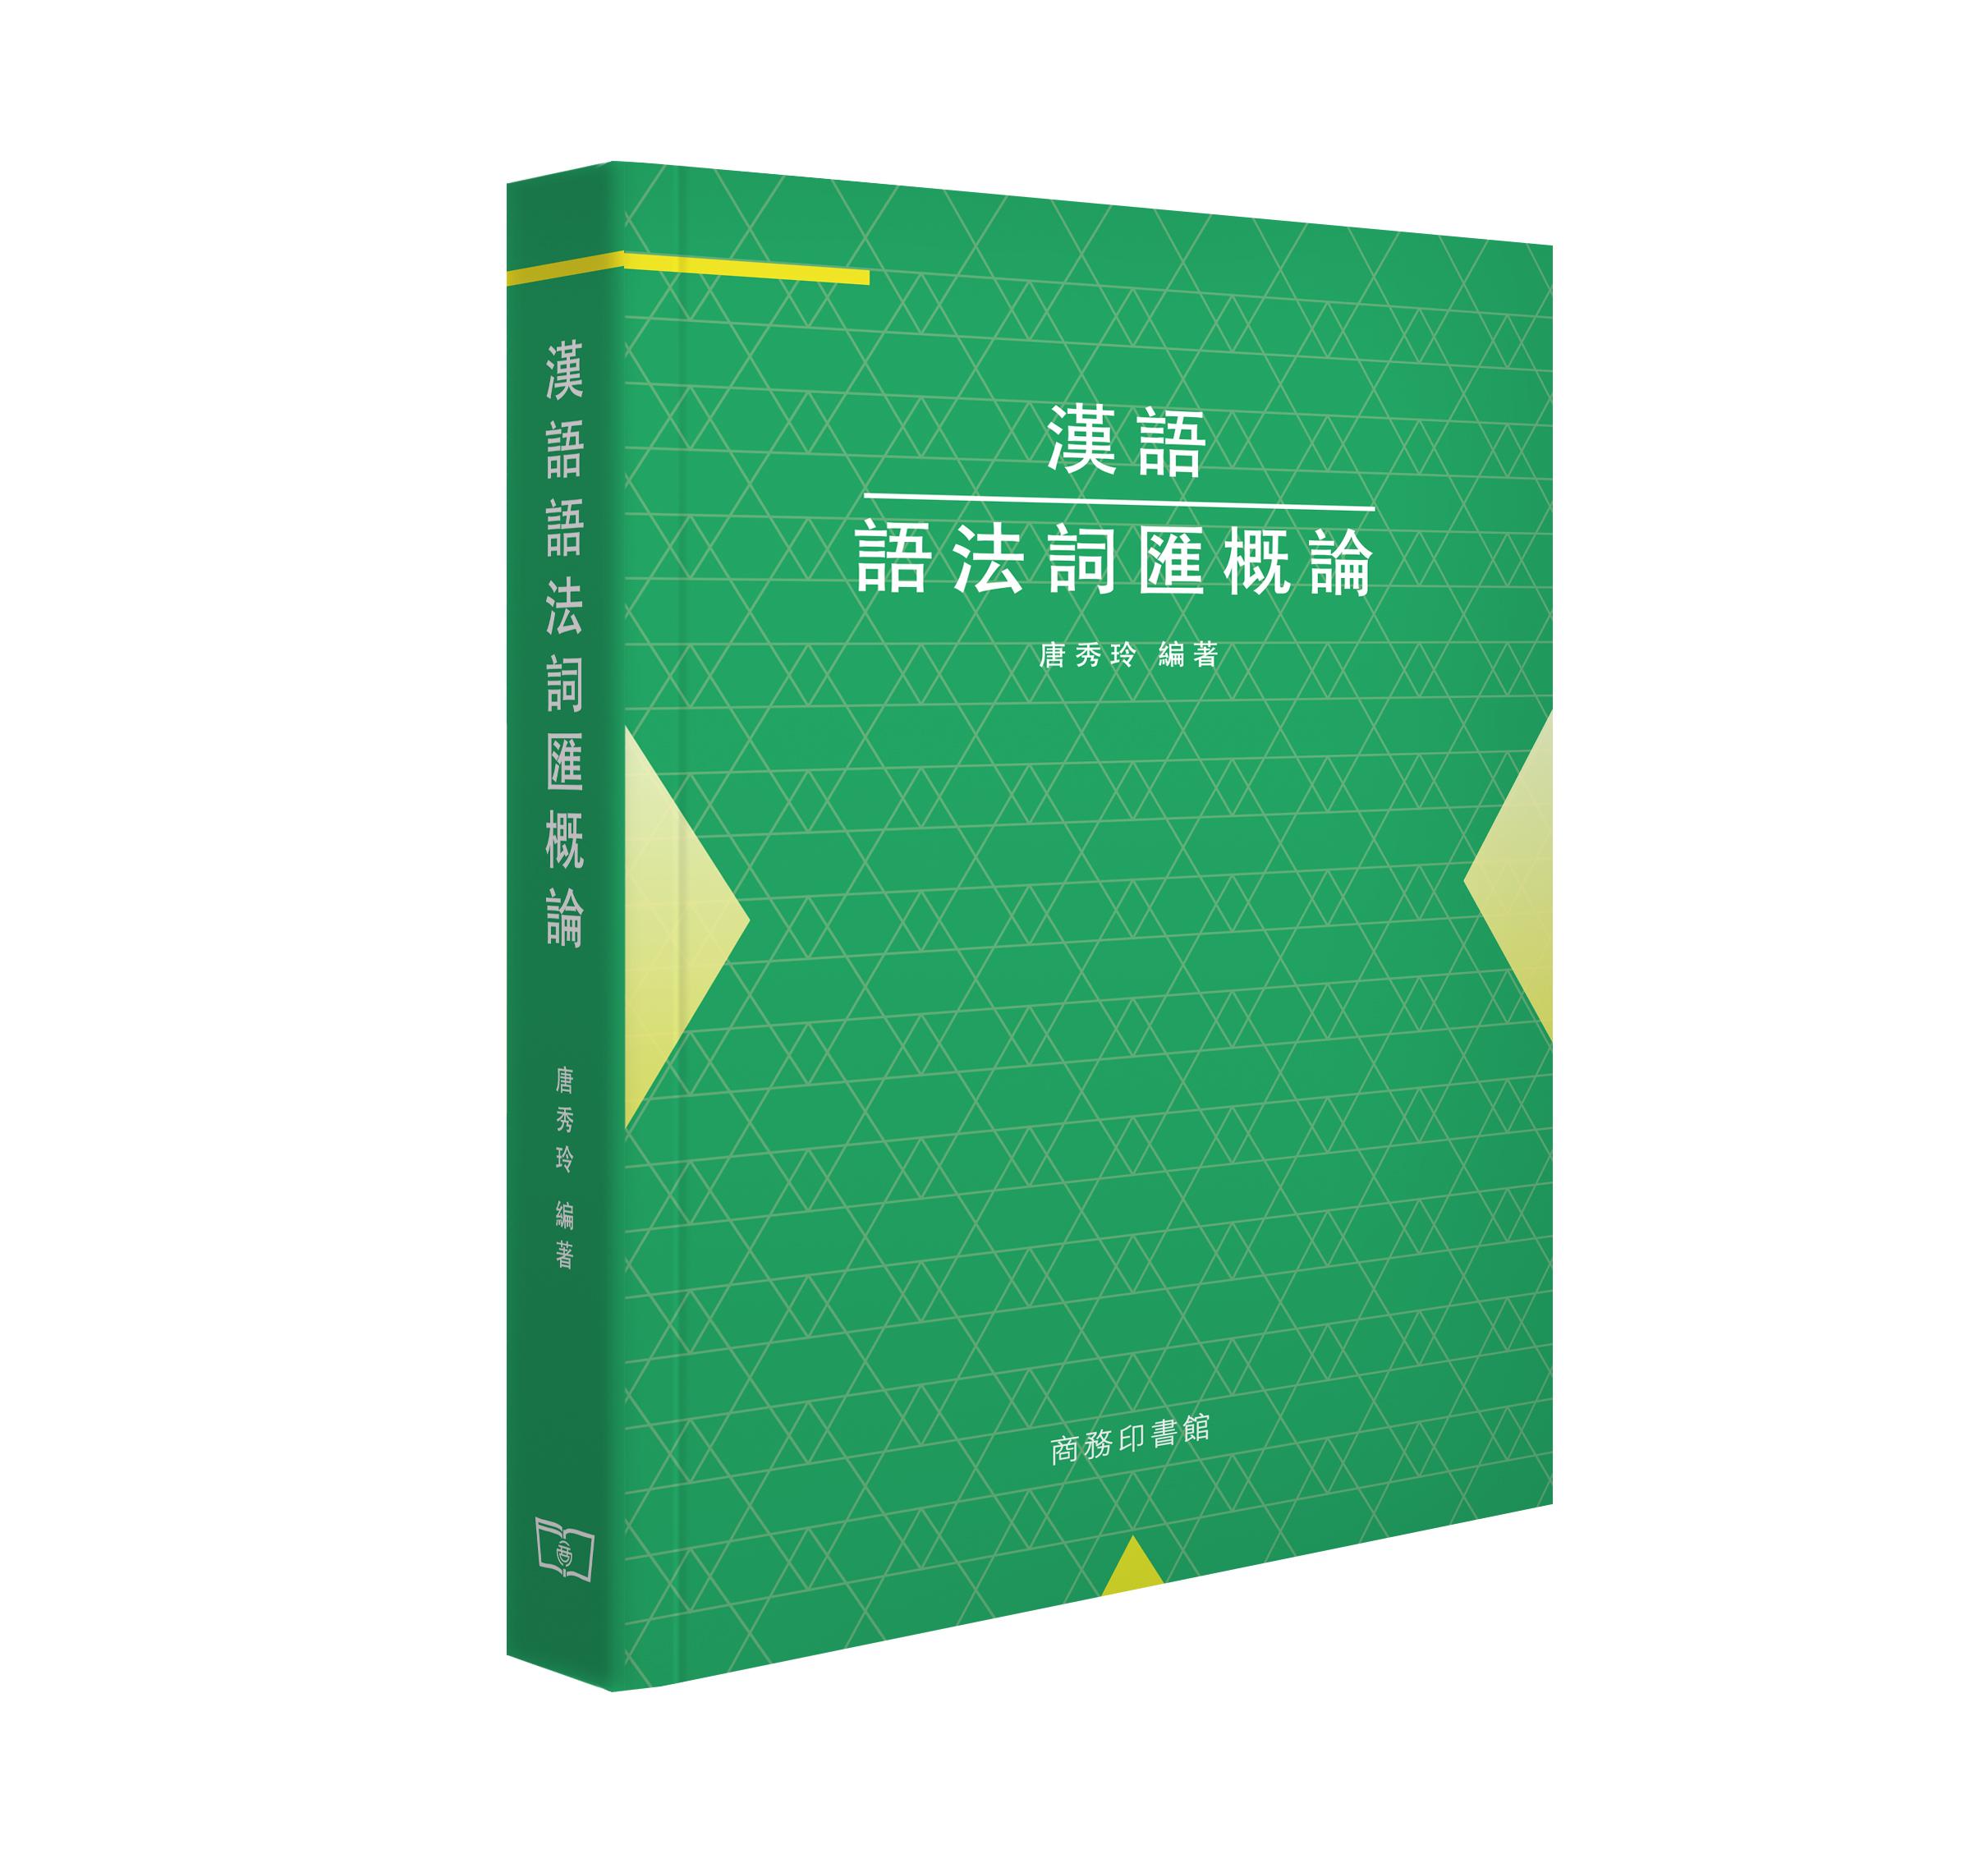 漢語語法詞匯概論